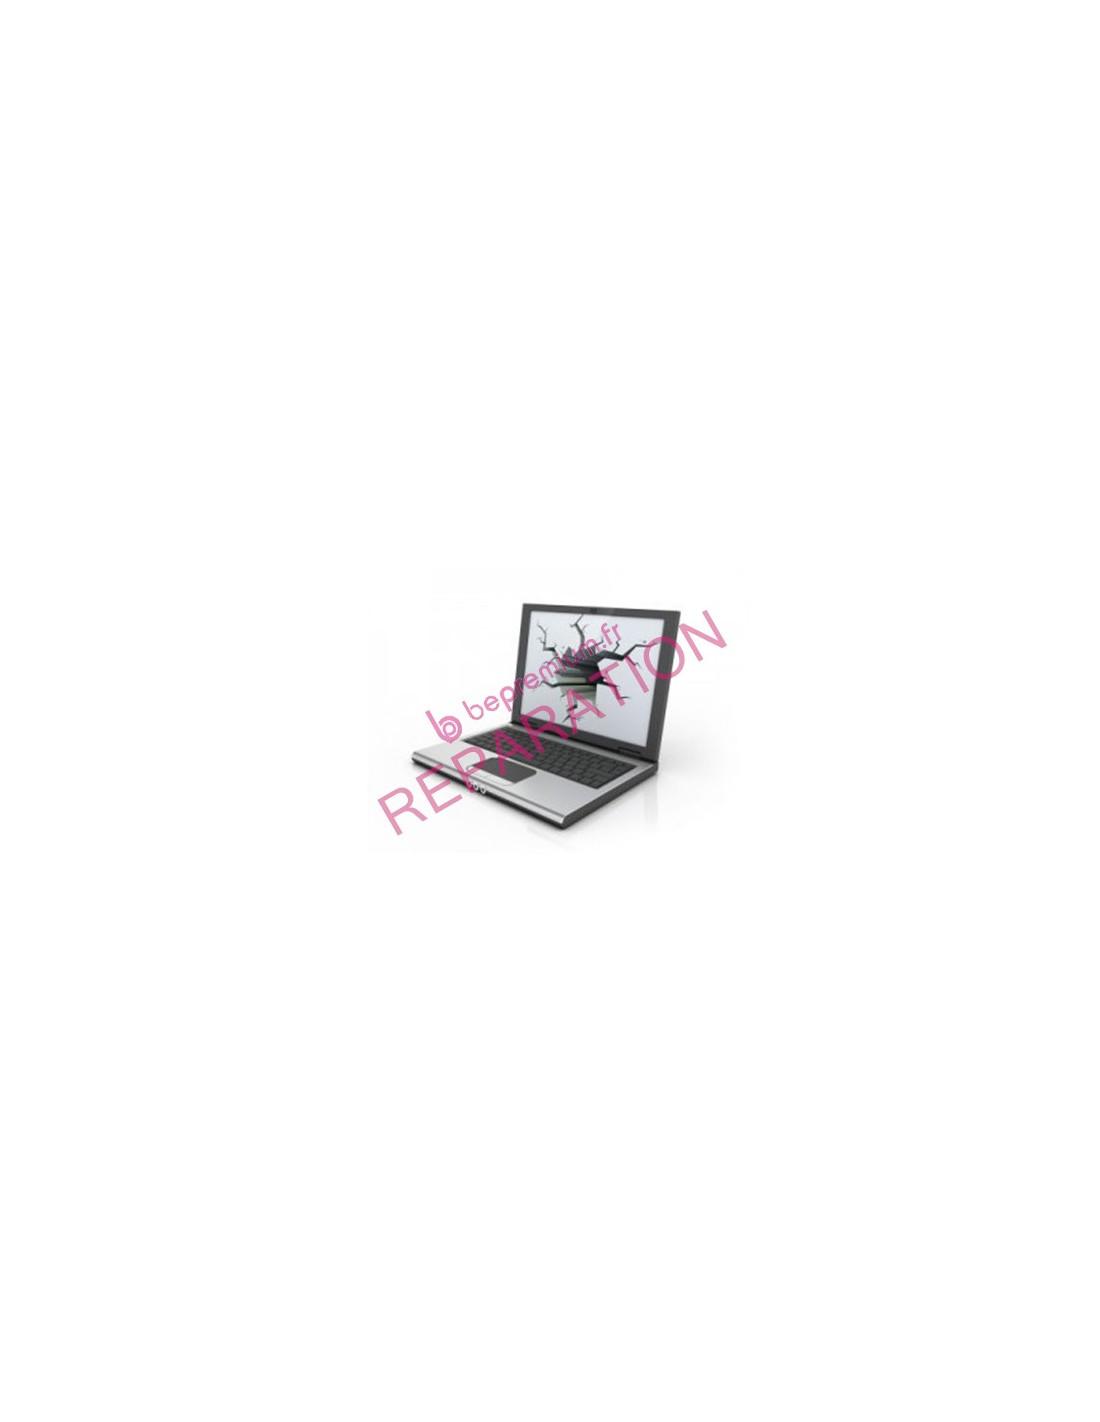 changement cran pc portable 15 pouces. Black Bedroom Furniture Sets. Home Design Ideas